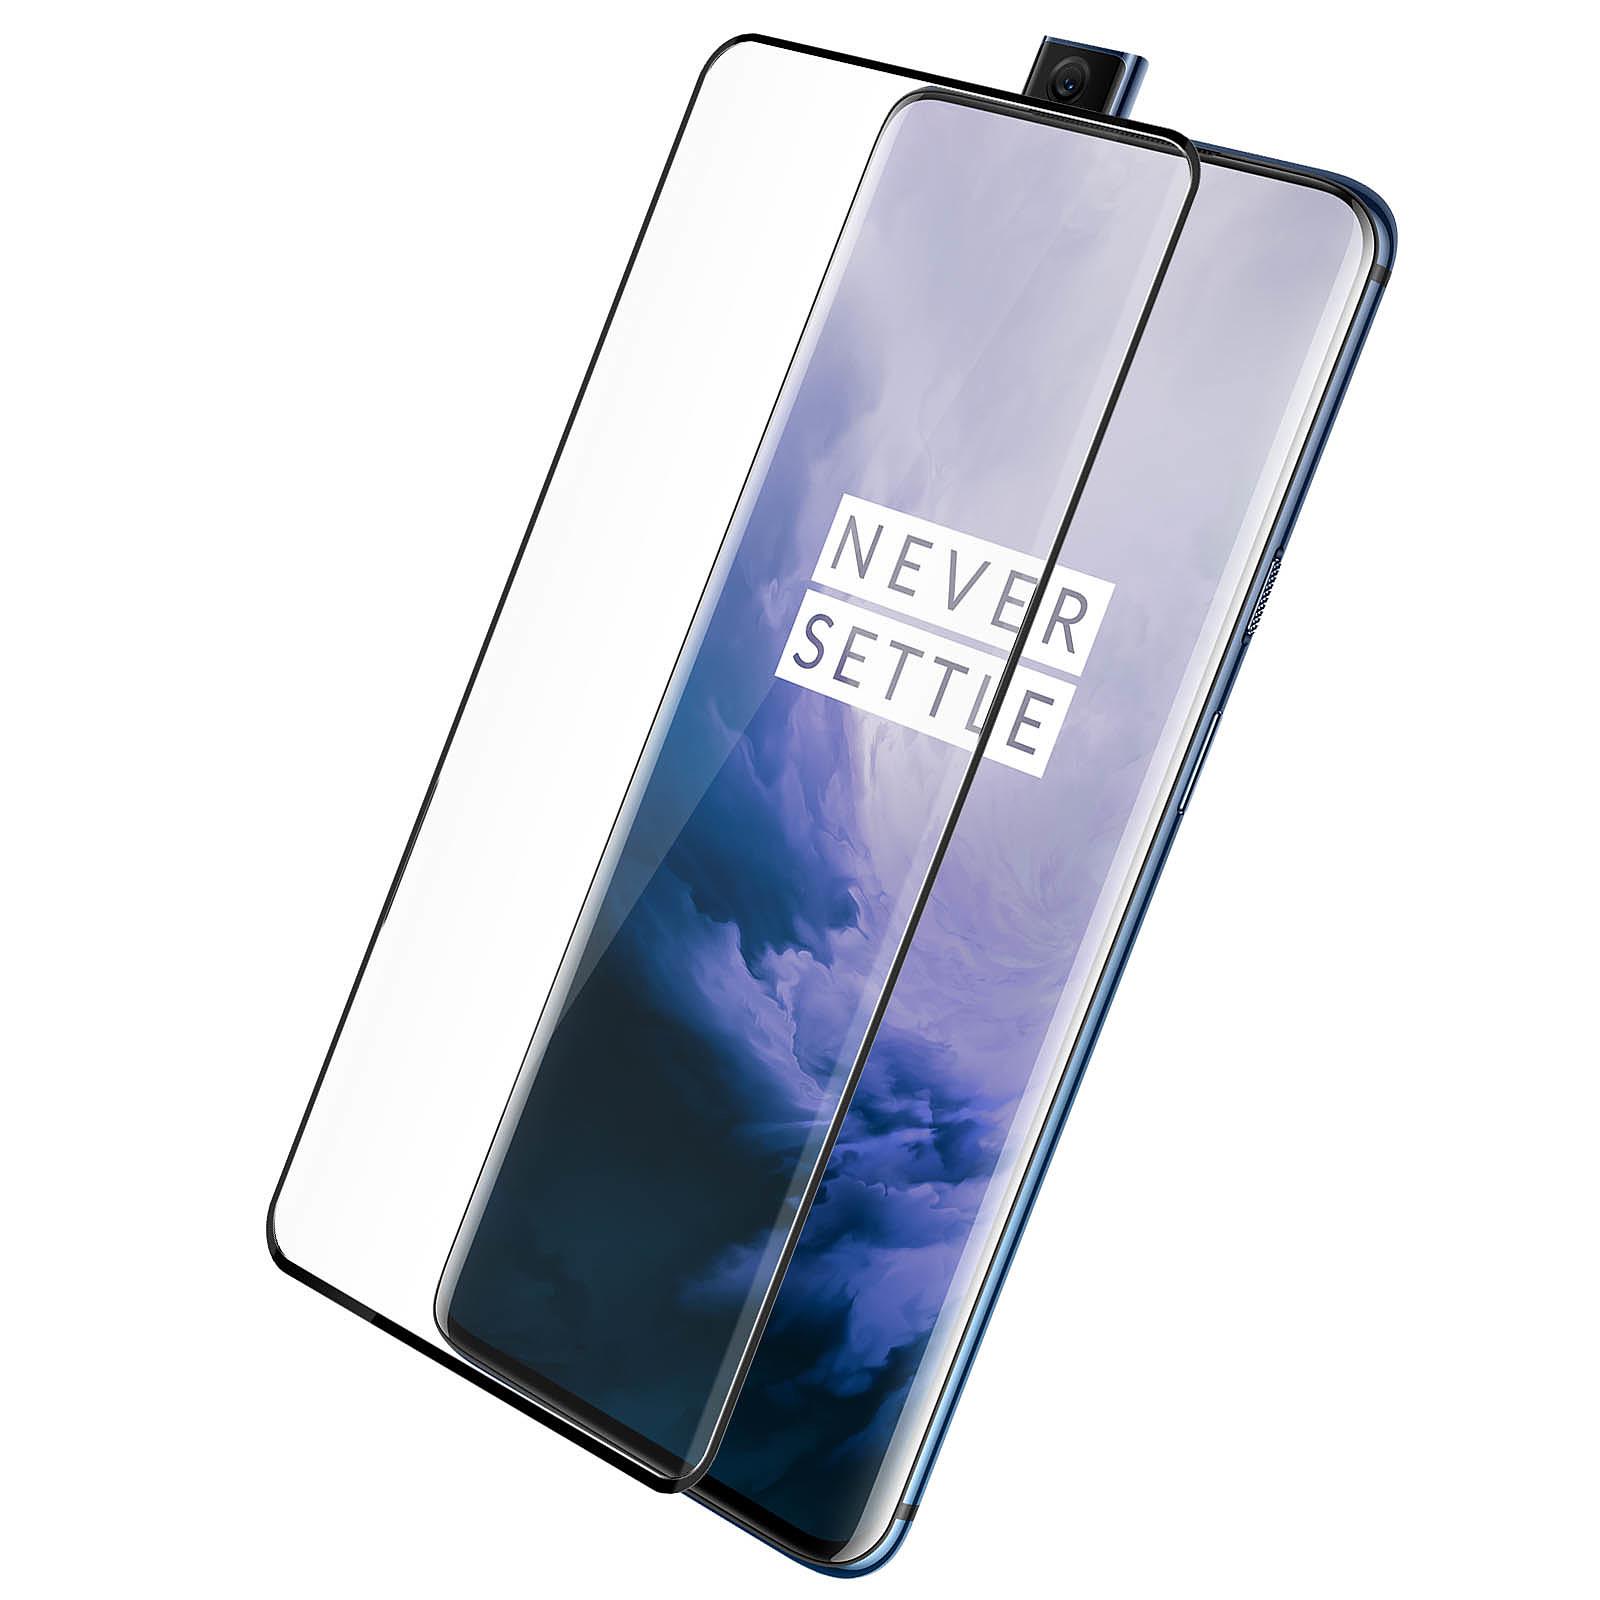 Avizar Film verre trempé Noir pour Oneplus 7 Pro, Oneplus 7T Pro